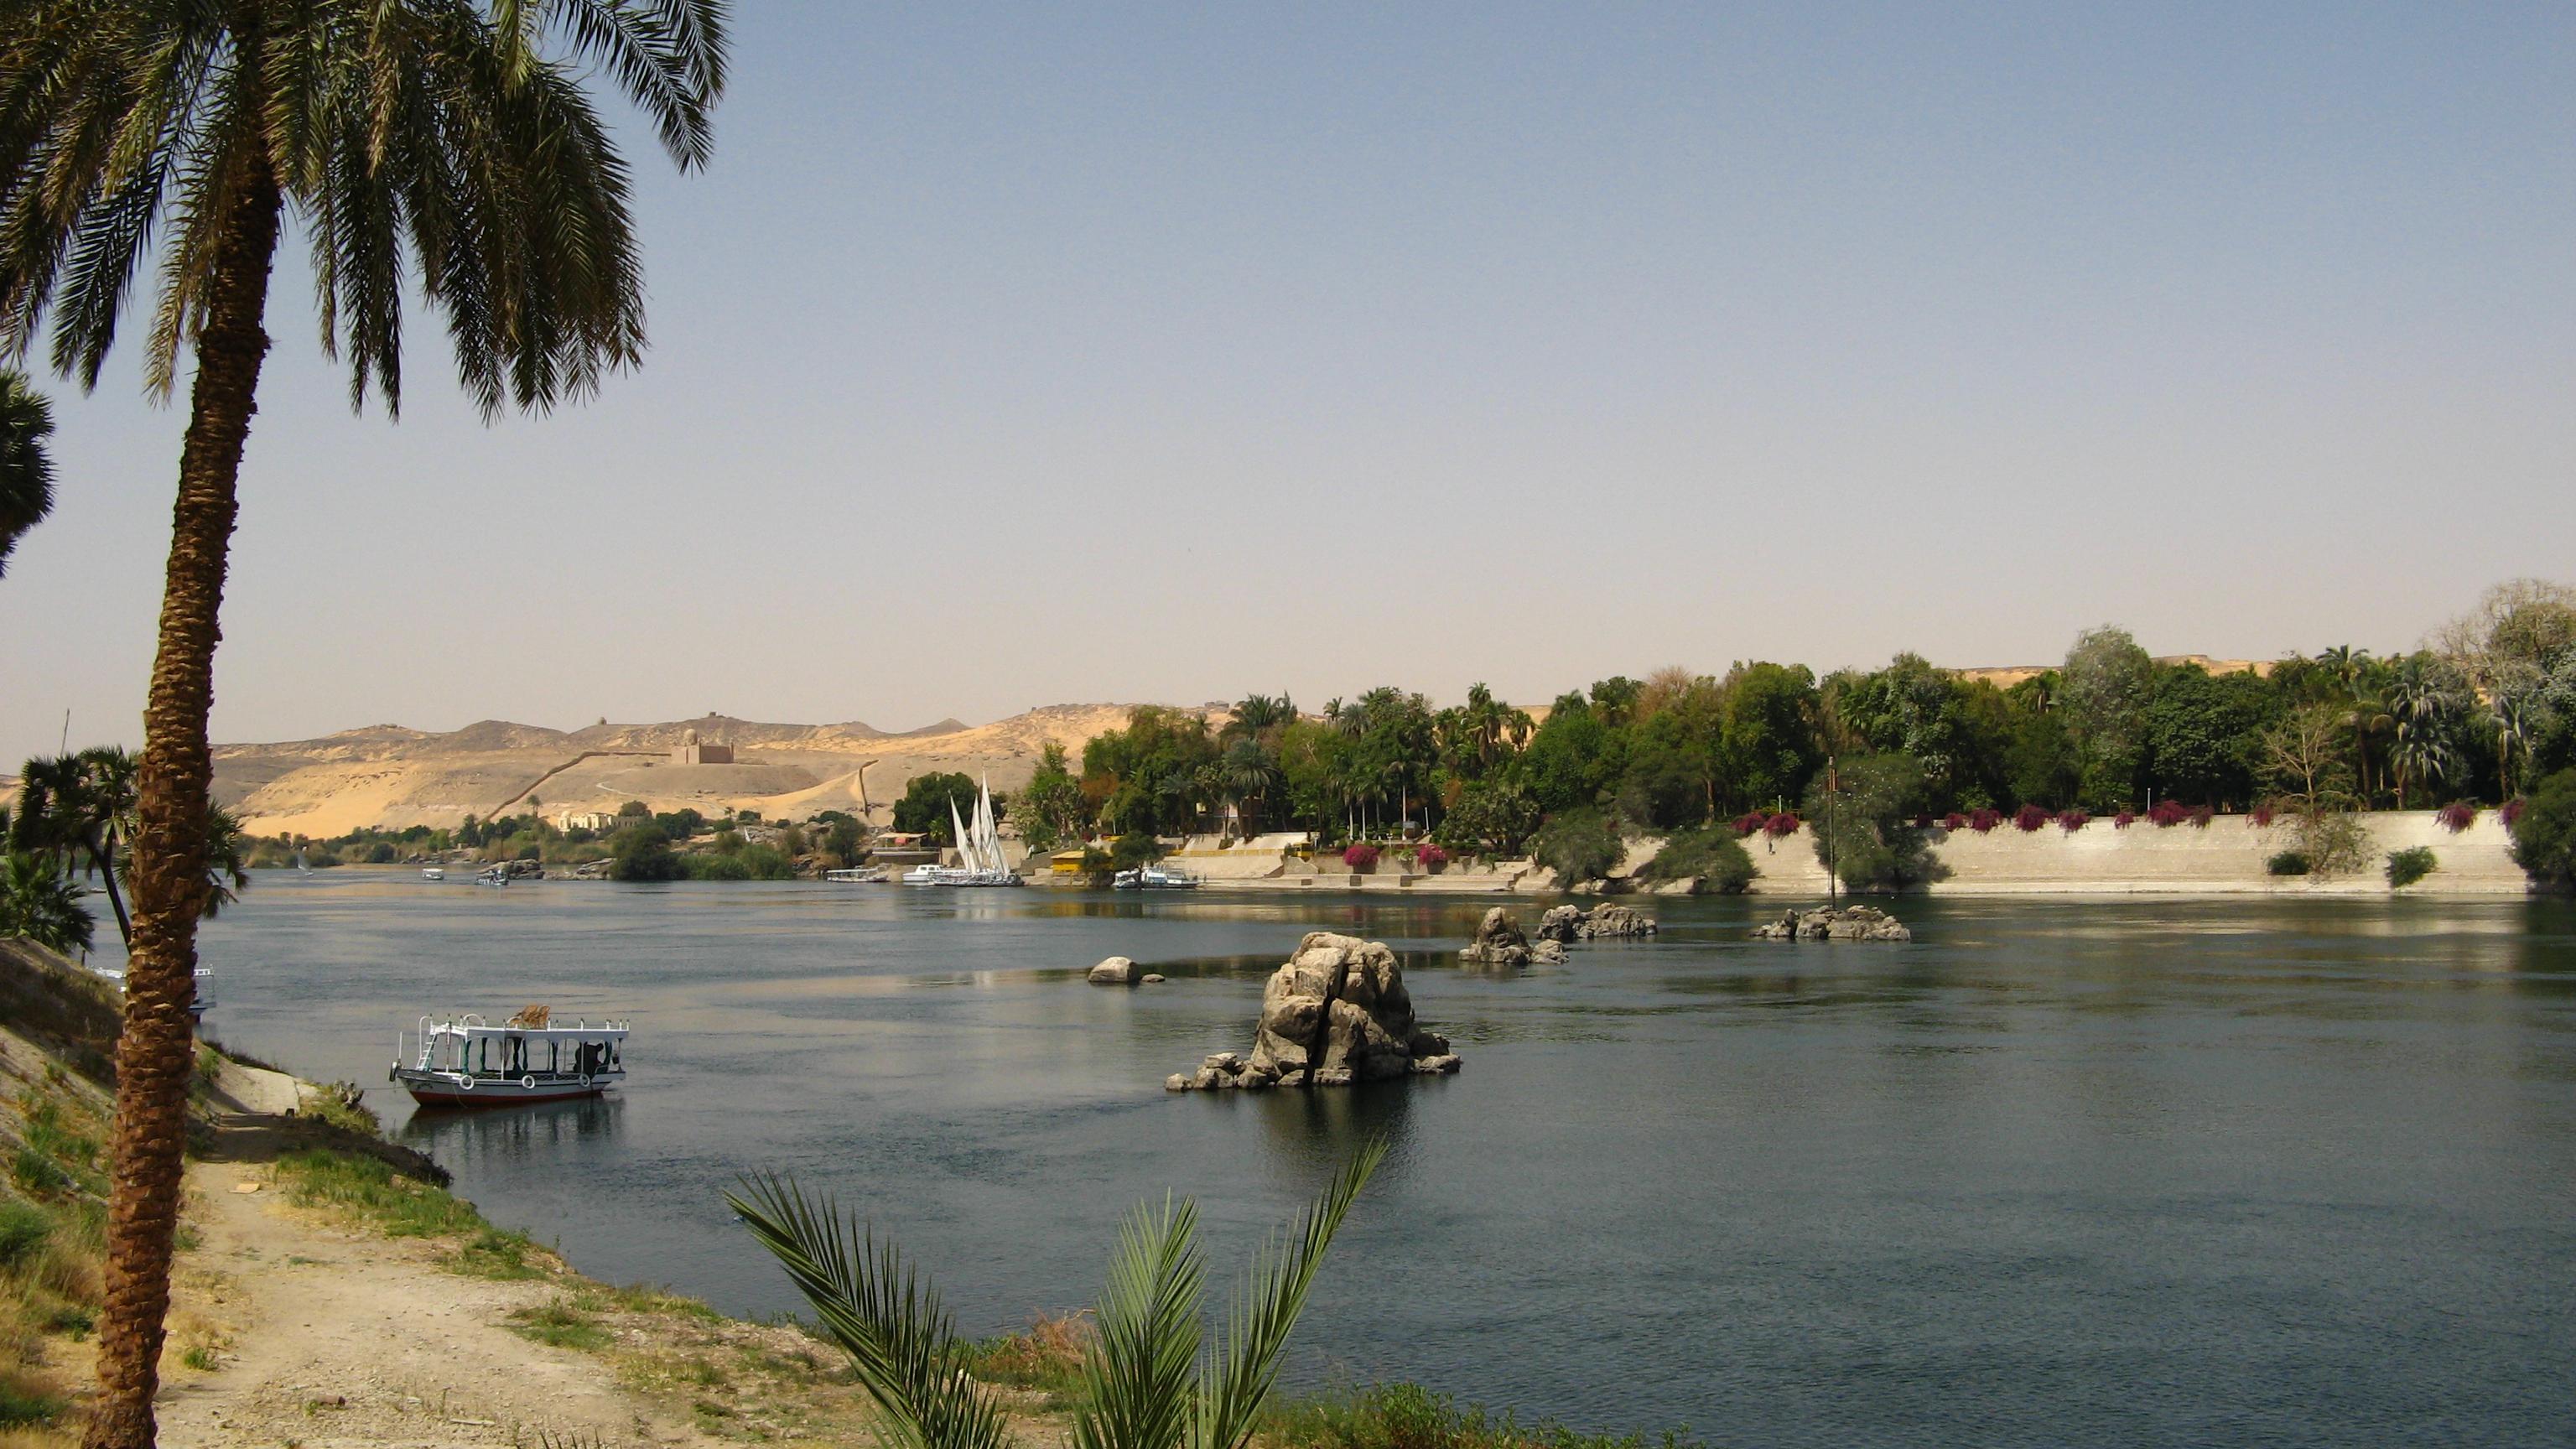 Kitchener Island Nile